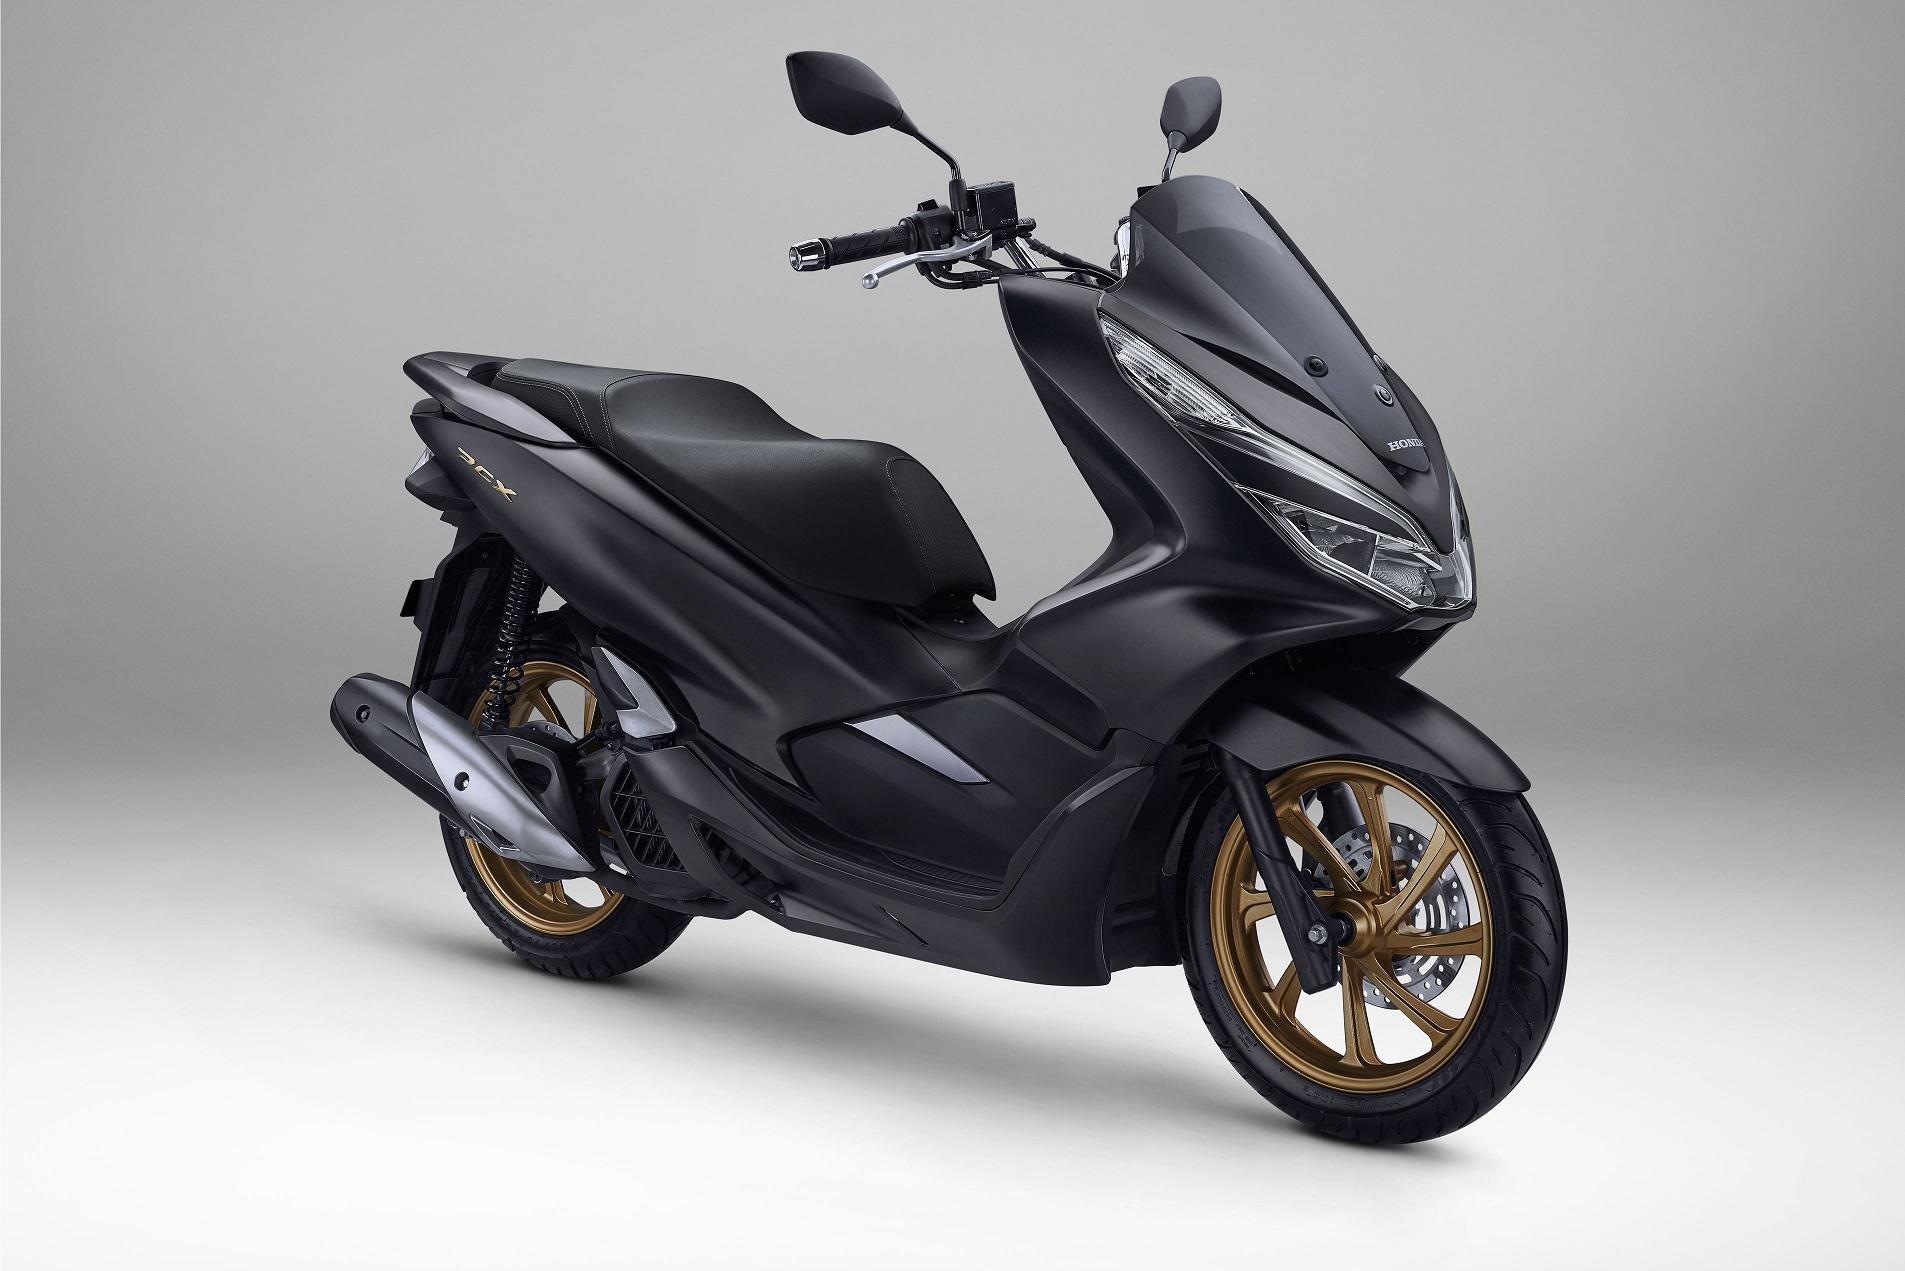 Honda Pcx 150 Tahun 2020 Hitam Doff Velg Gold Dan Biru Doff